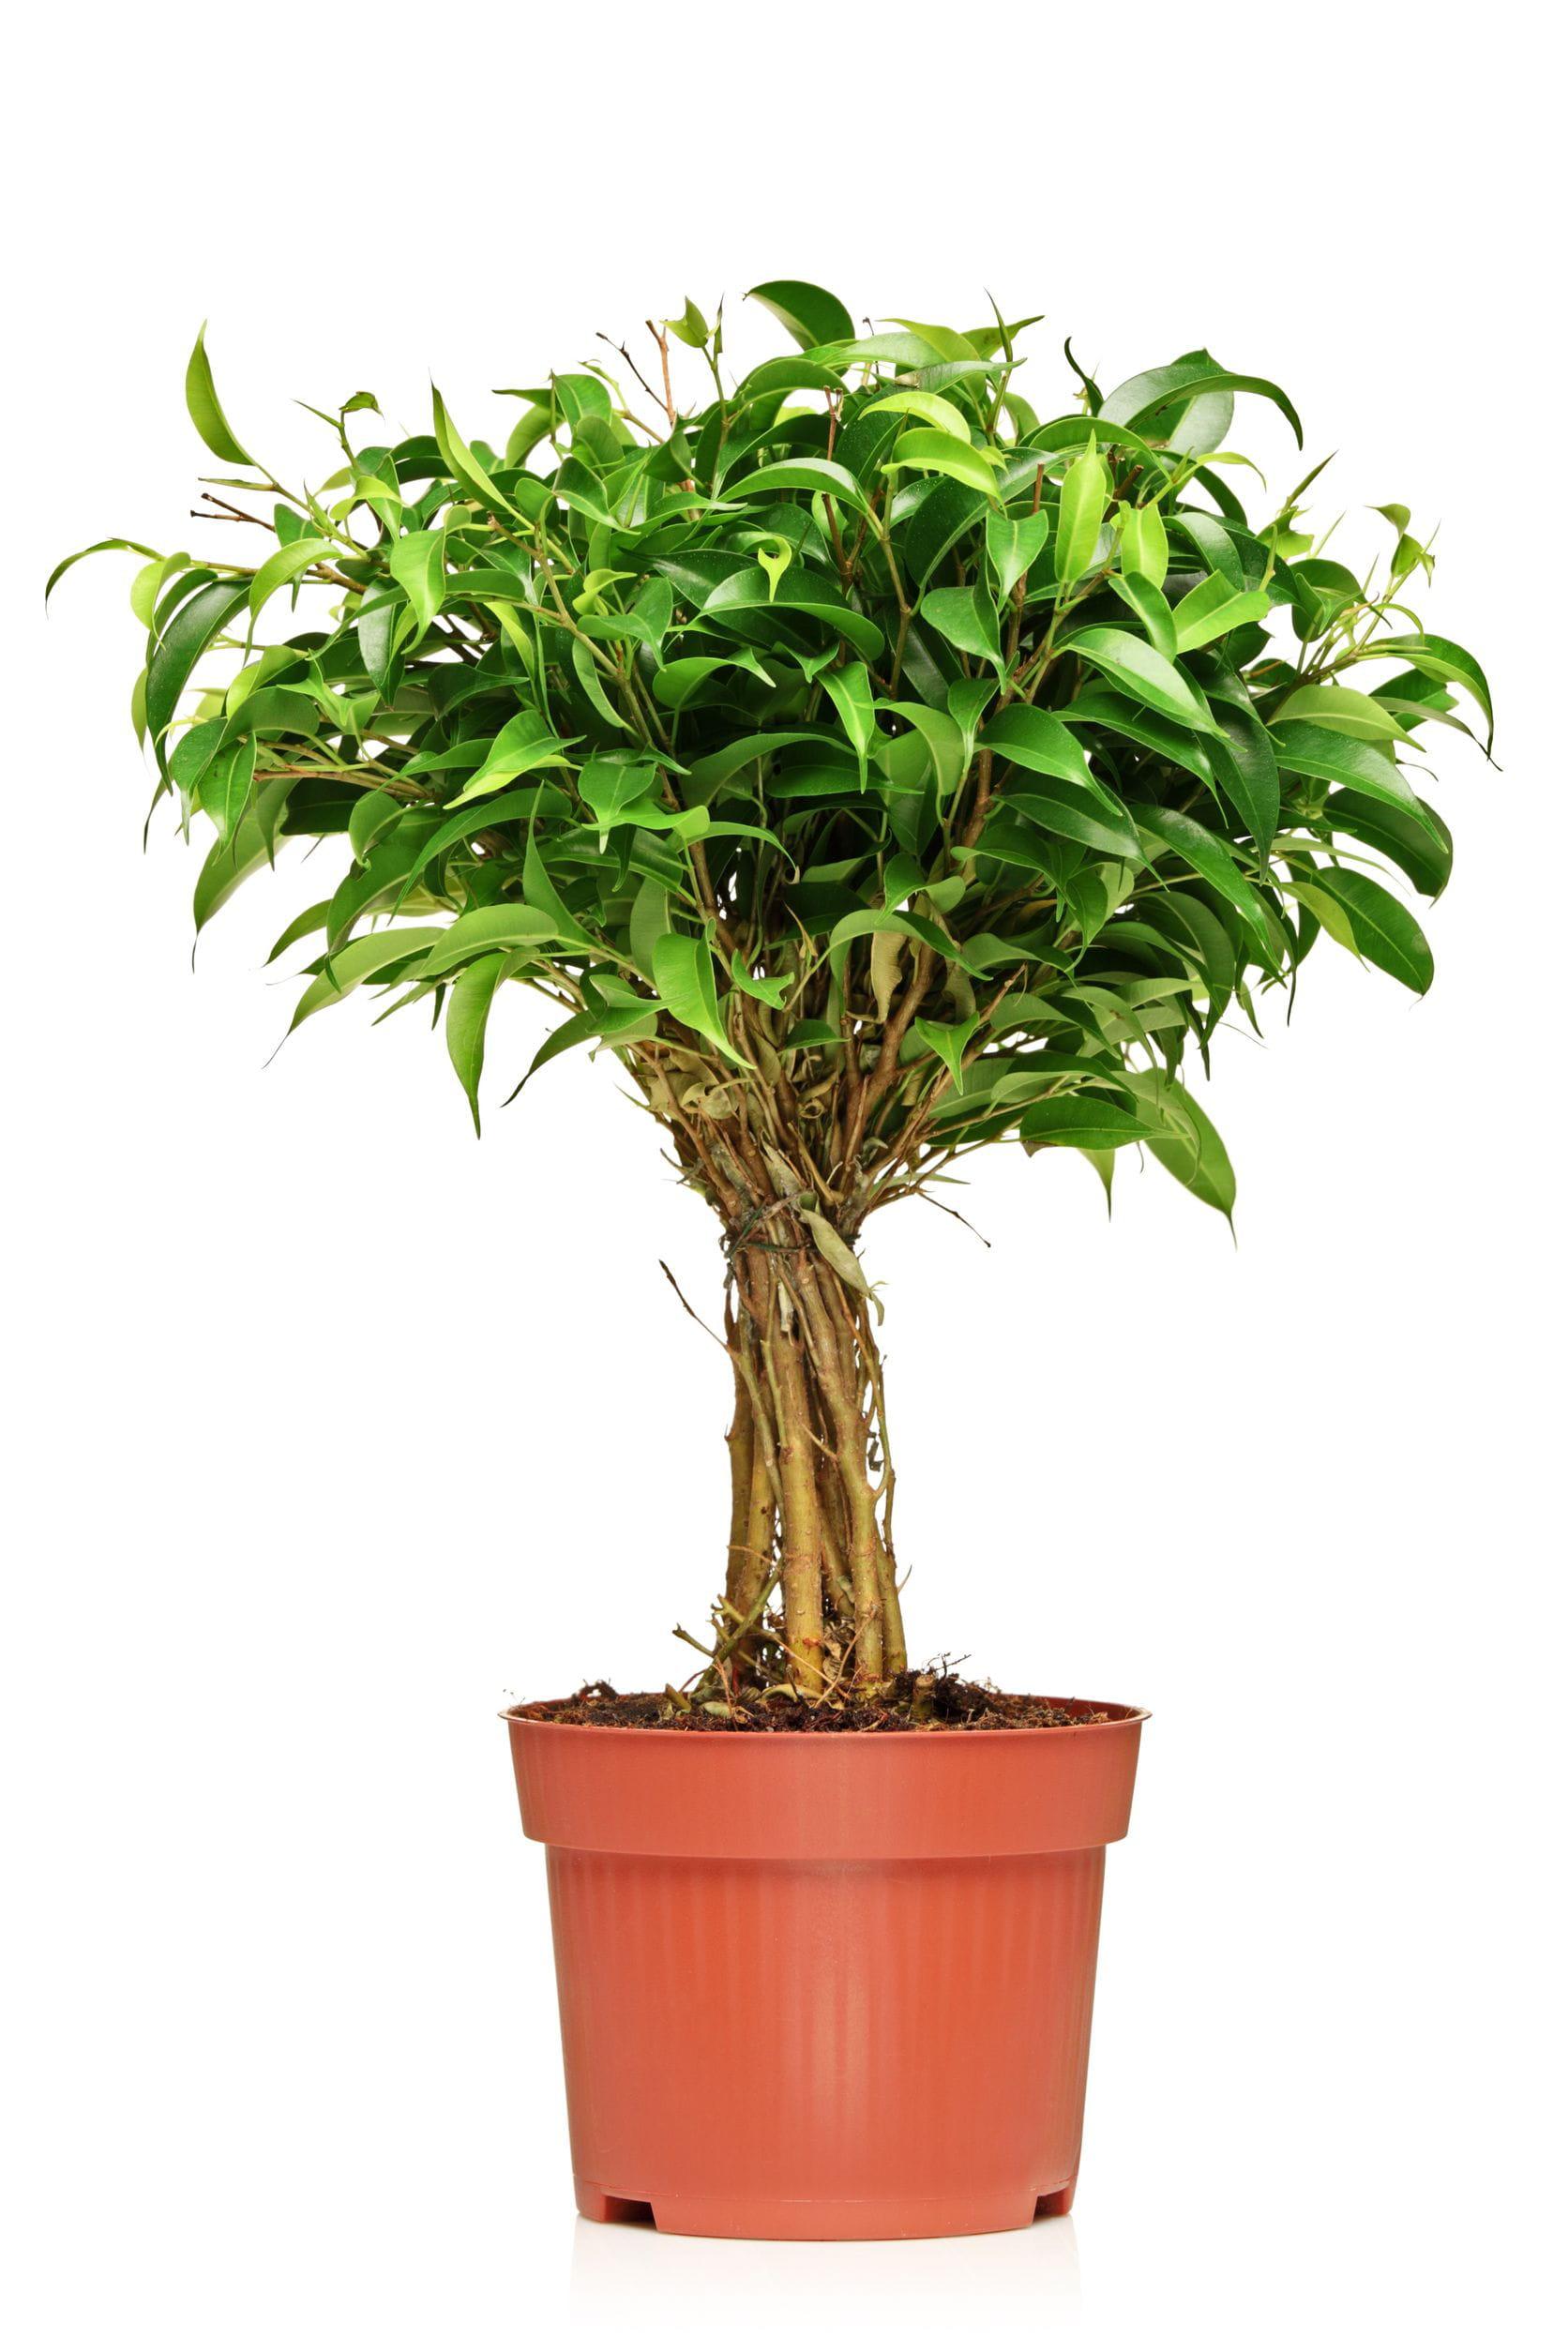 Plante D Intérieur A Faire Pousser 8 plantes d'intérieur à faire pousser chez soi